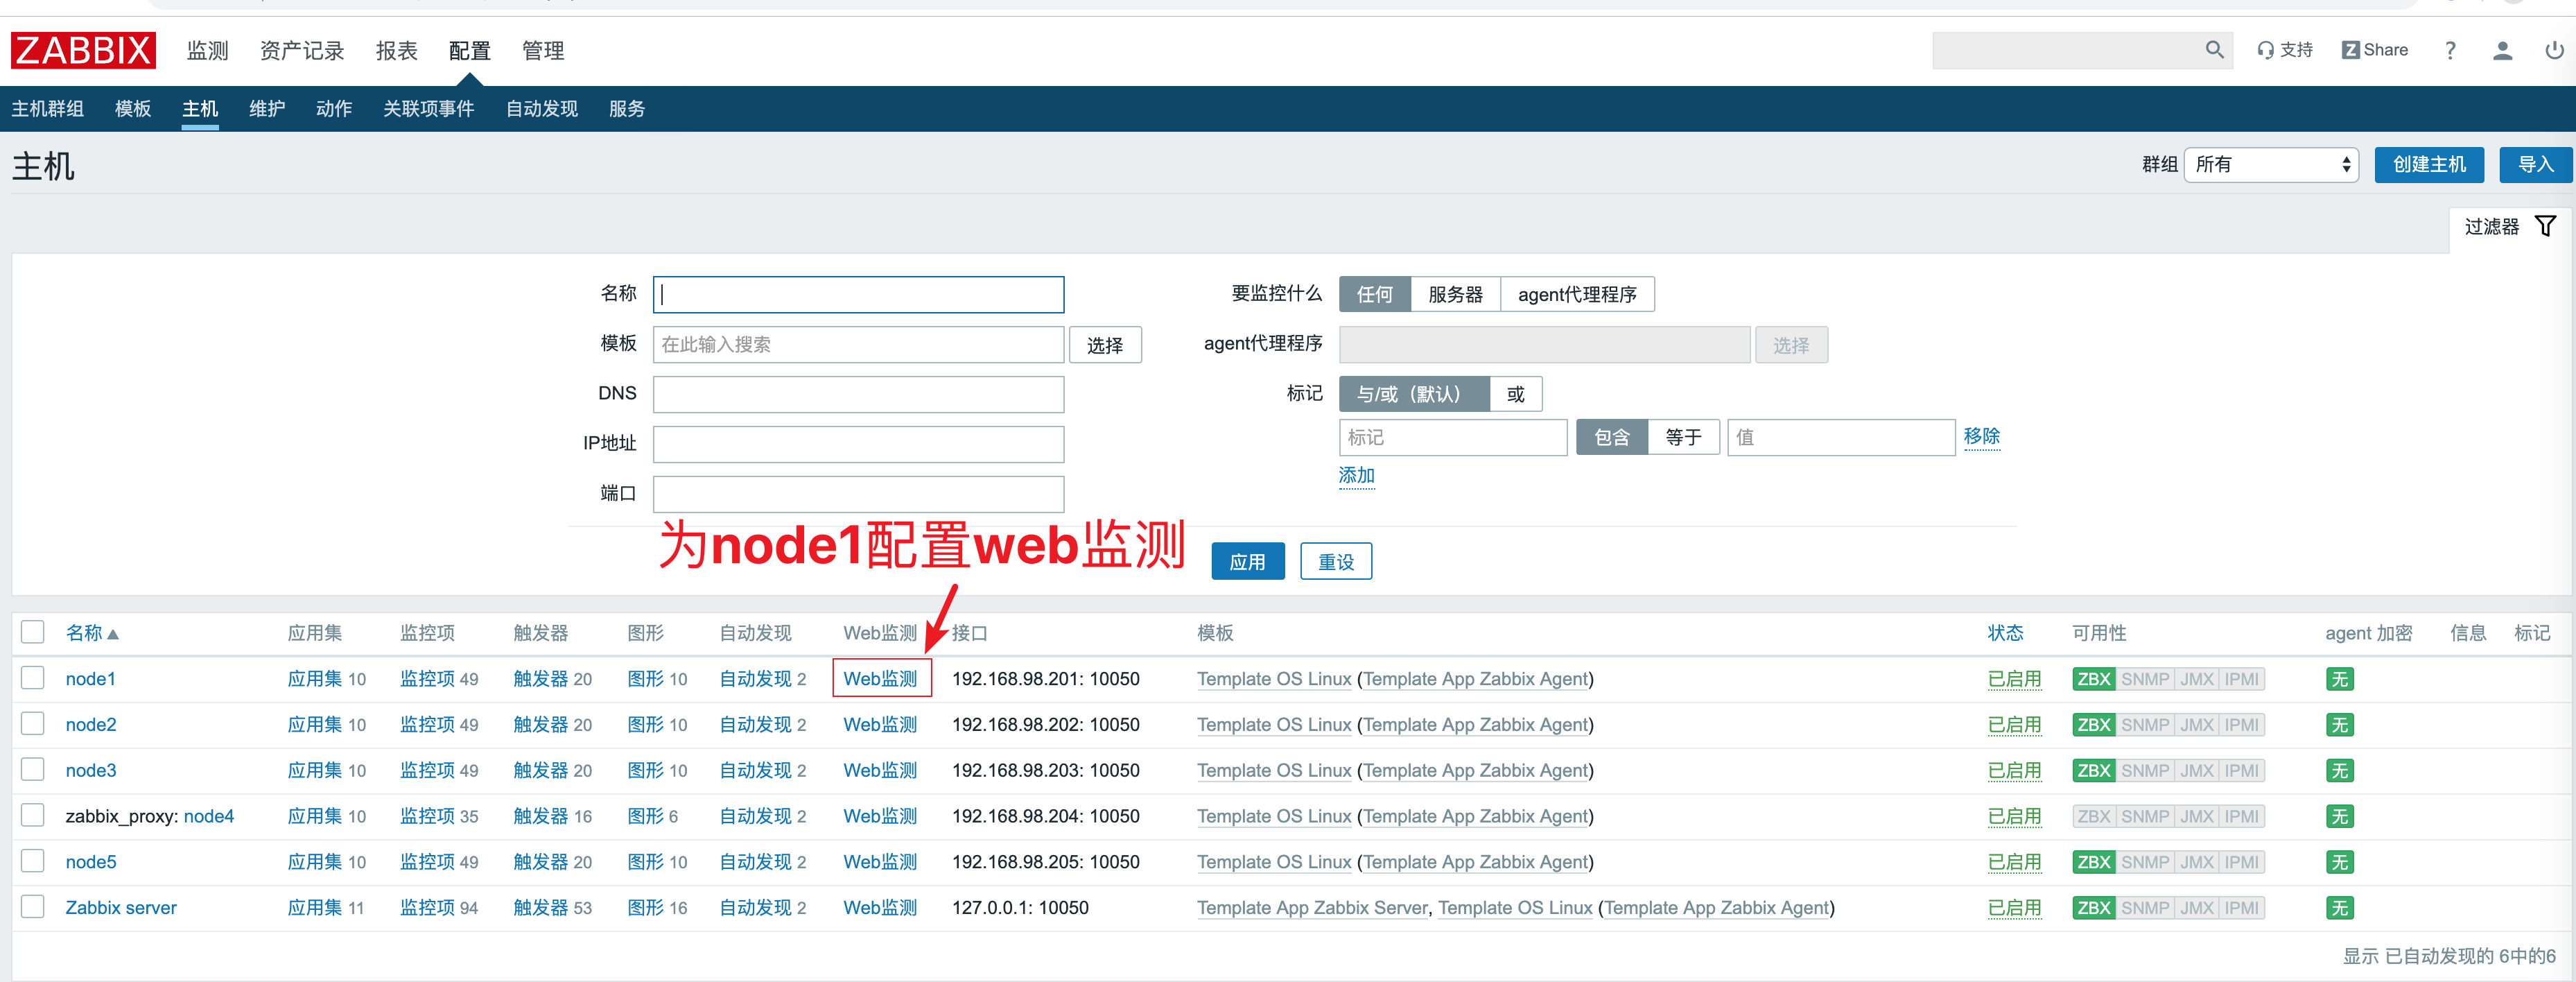 web_check1.png